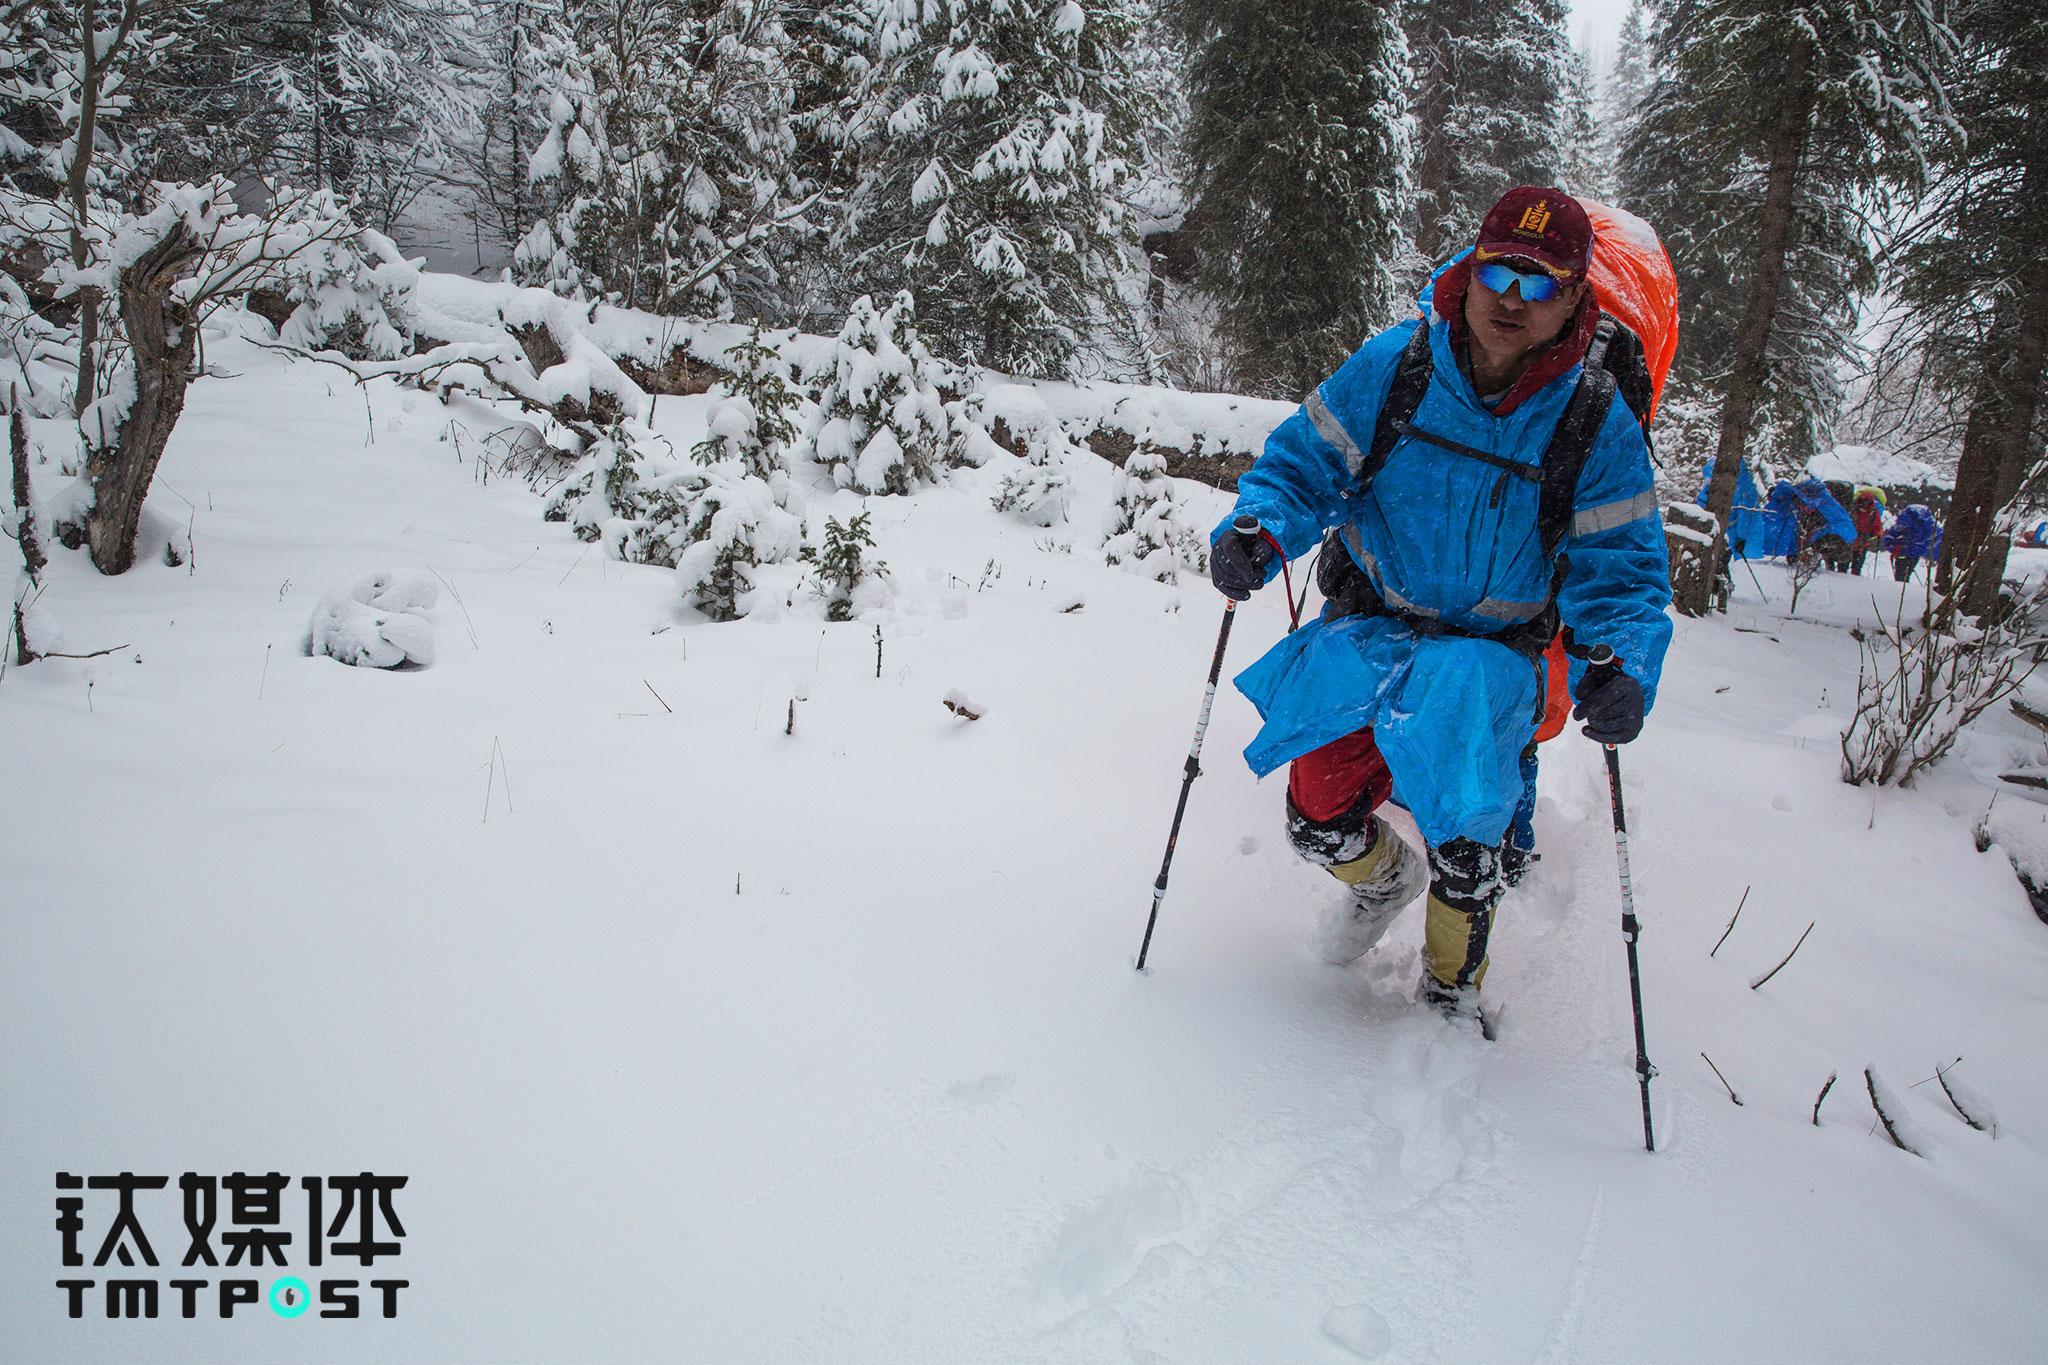 """森林里积雪最深的地方,已经没到大腿根,雪地行走很费体力,领队必须走在队伍最前面趟雪,才能让后面的队员比较轻松地通过。这些线路江湖重复走过多次,对他来讲风景已经不重要了,""""作为领队,我要做的是让每个队员都远离危险并且高高兴兴地走出去"""",即使是同一个地方,每次带不同的队员走,他也会有不同的收获,""""这些收获是我领队生涯中最值得纪念和庆幸的事情。"""""""